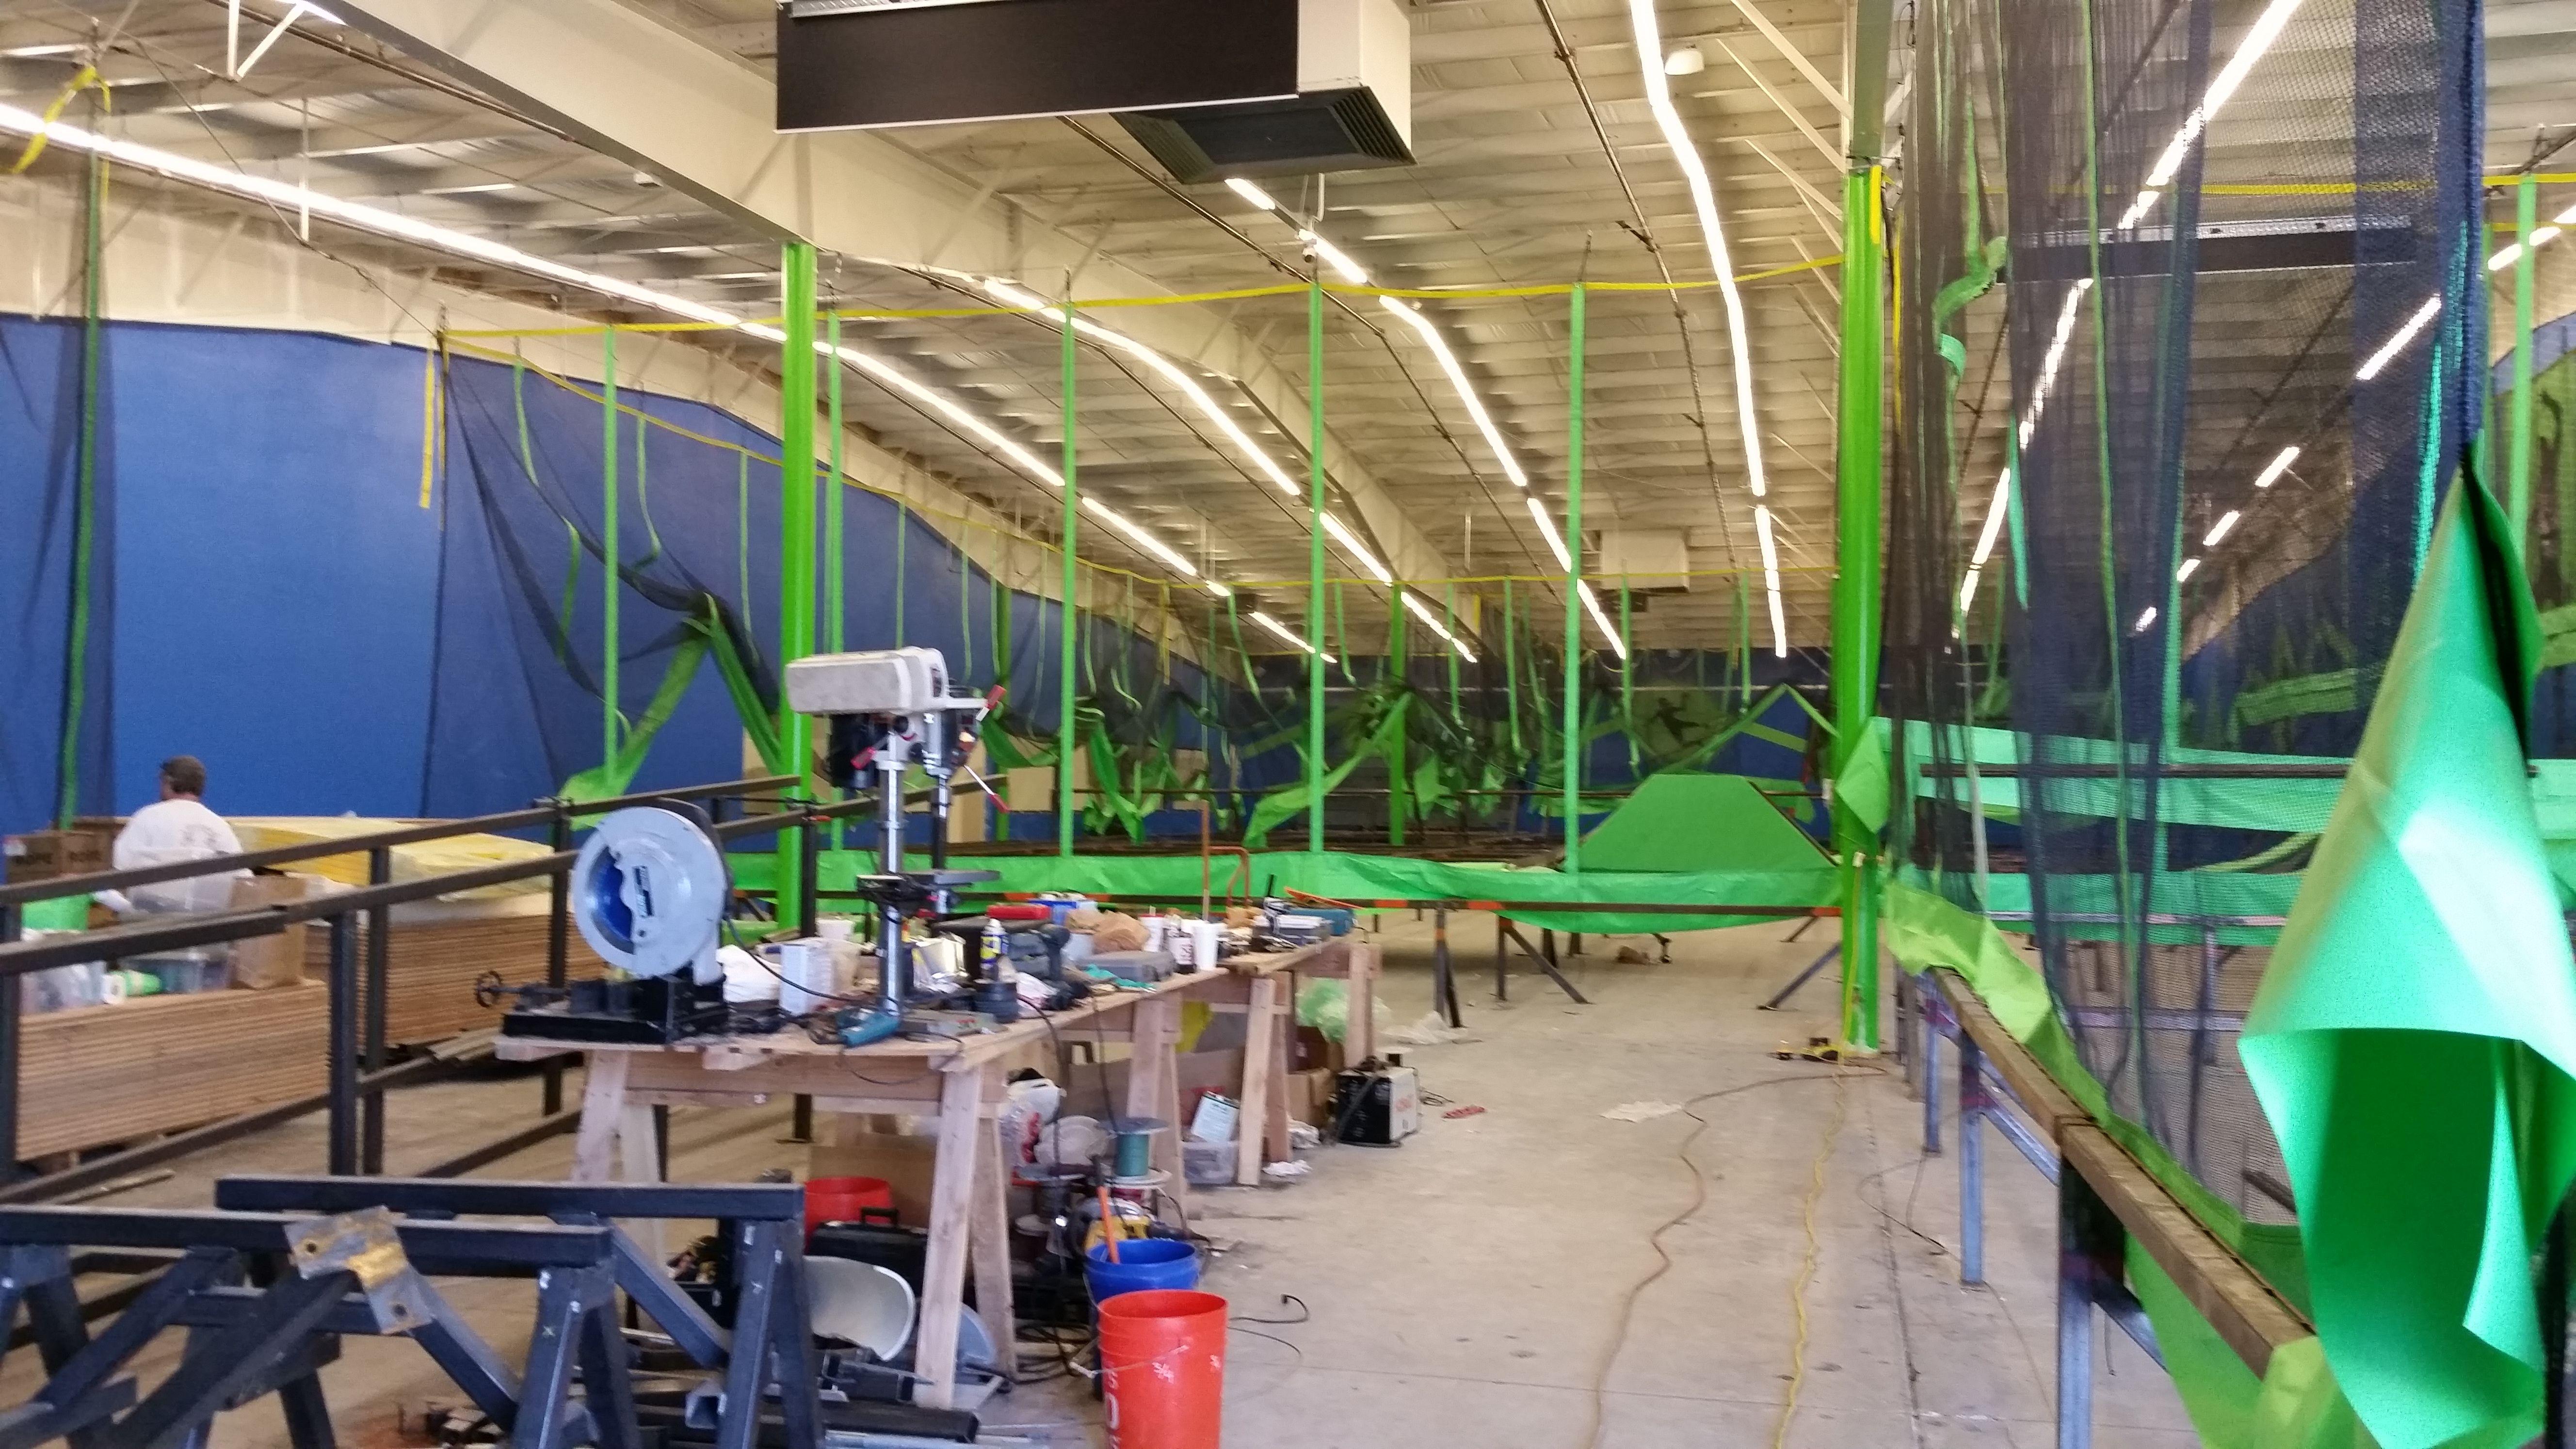 Rare Air in Redding California under construction Indoor